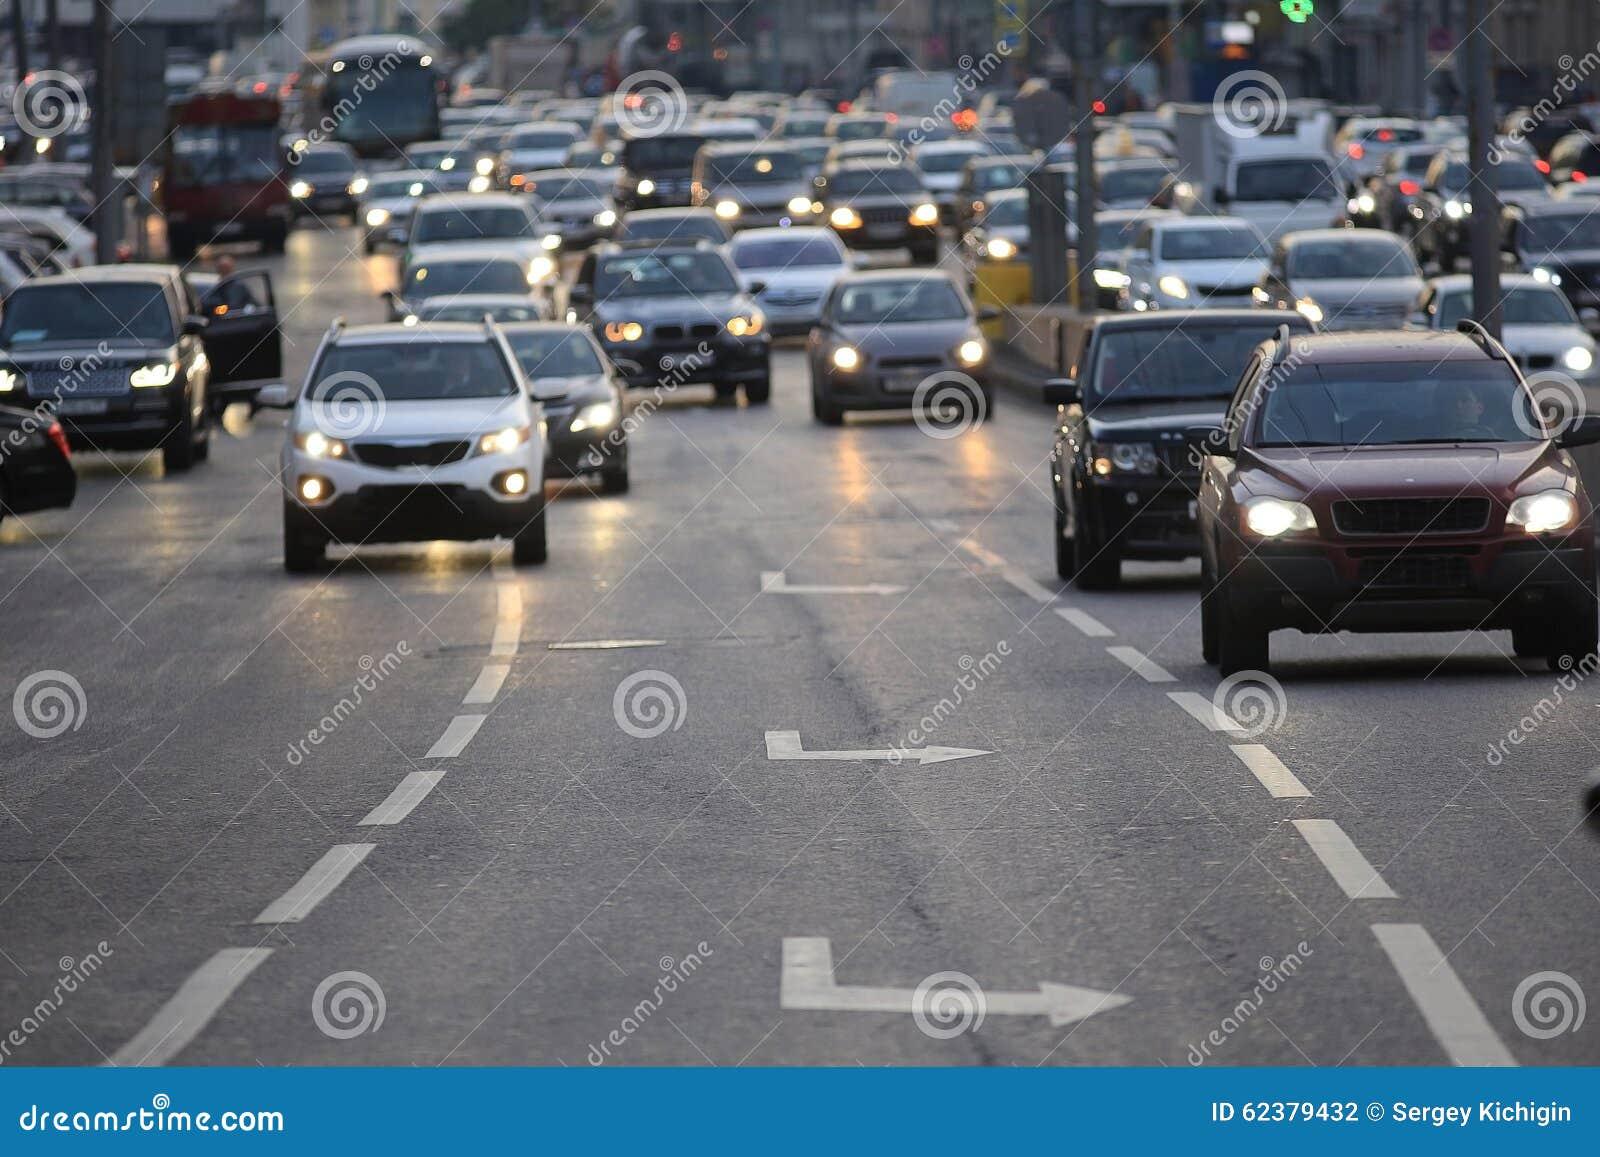 Stadsweg met voertuigen